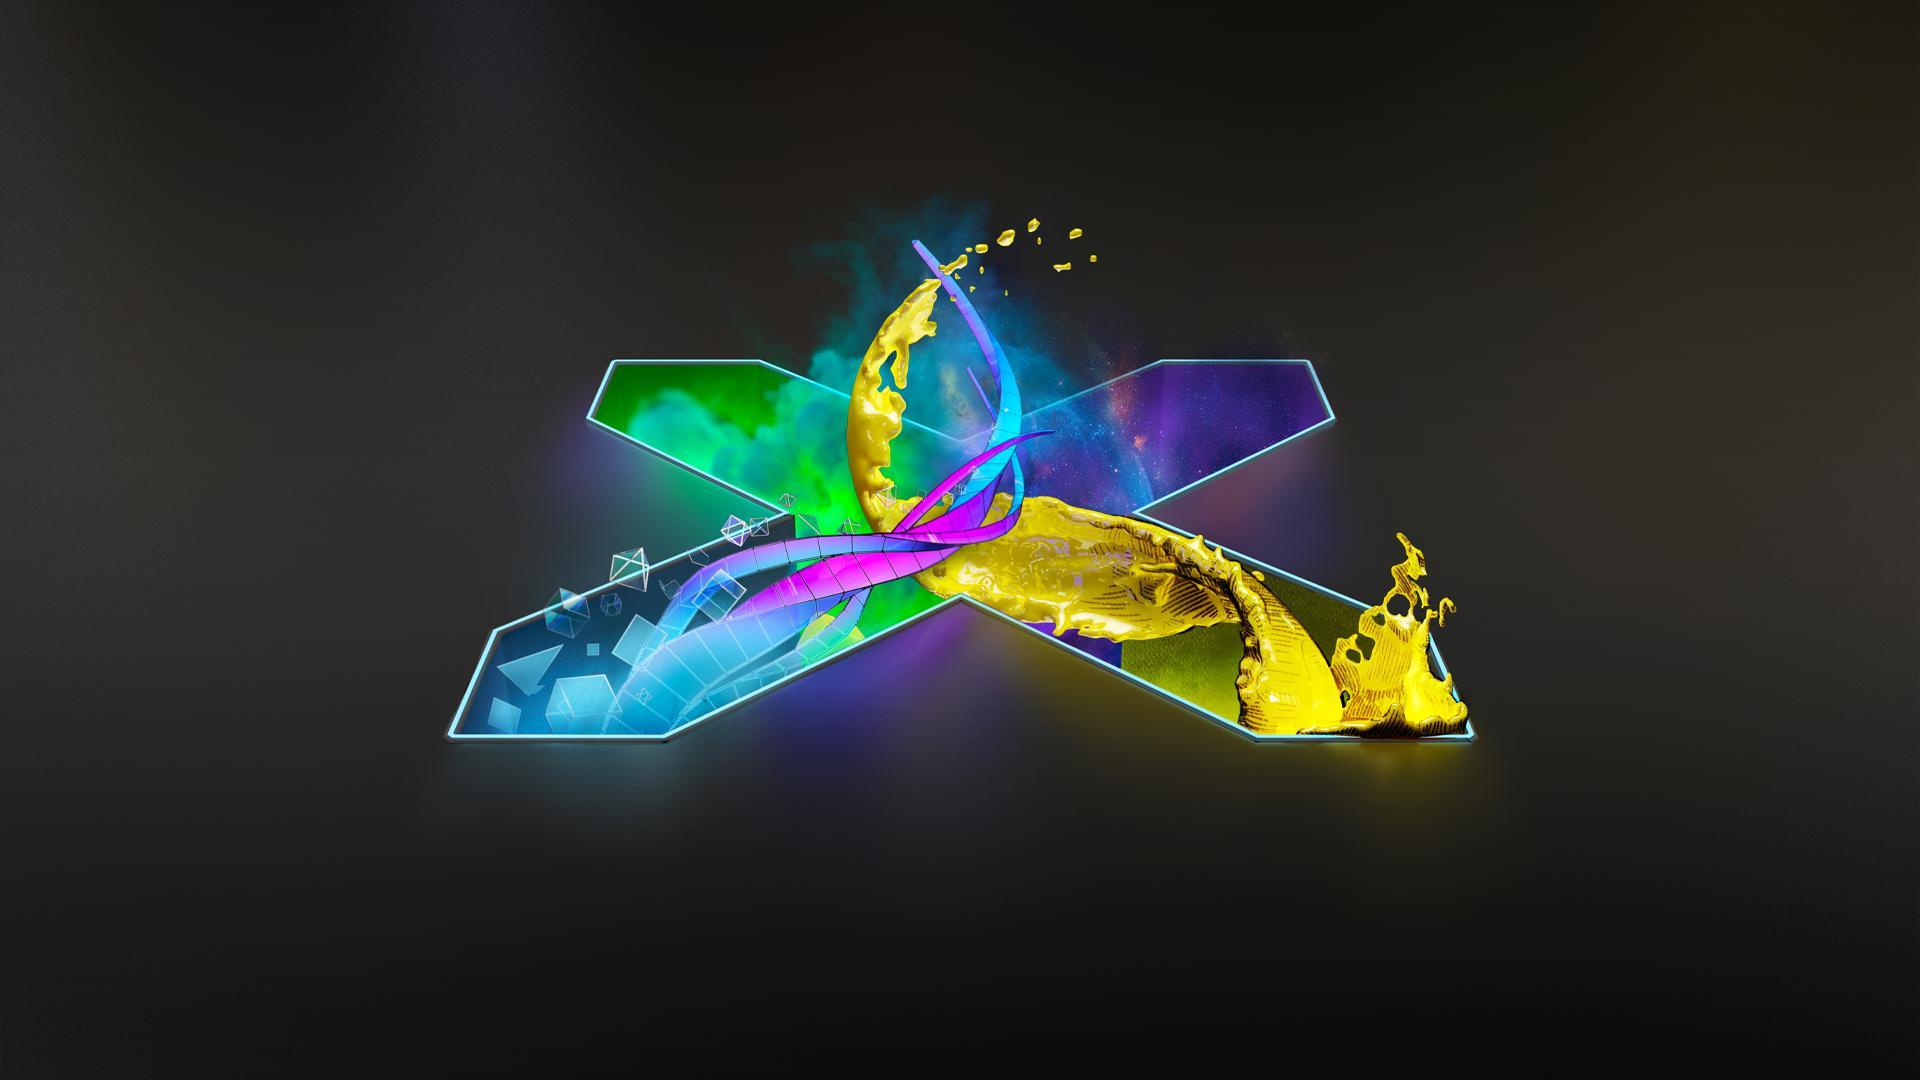 Odświeżone procesory Intel Xeon i Core X - moc dla twórców i entuzjastów 30